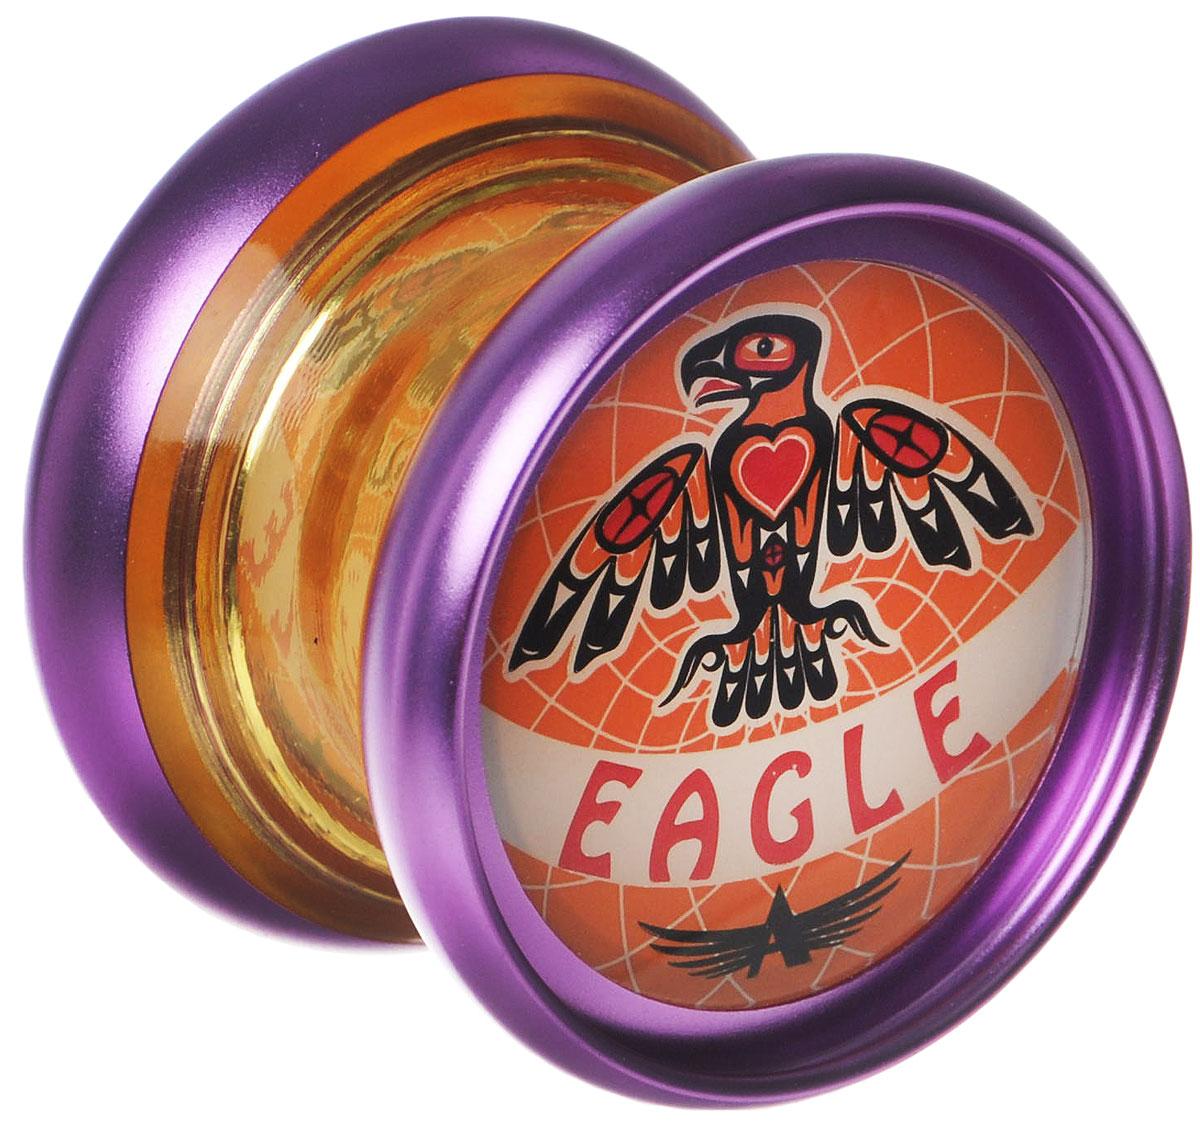 Aero-Yo Йо-йо Aero Eagle цвет сиреневый